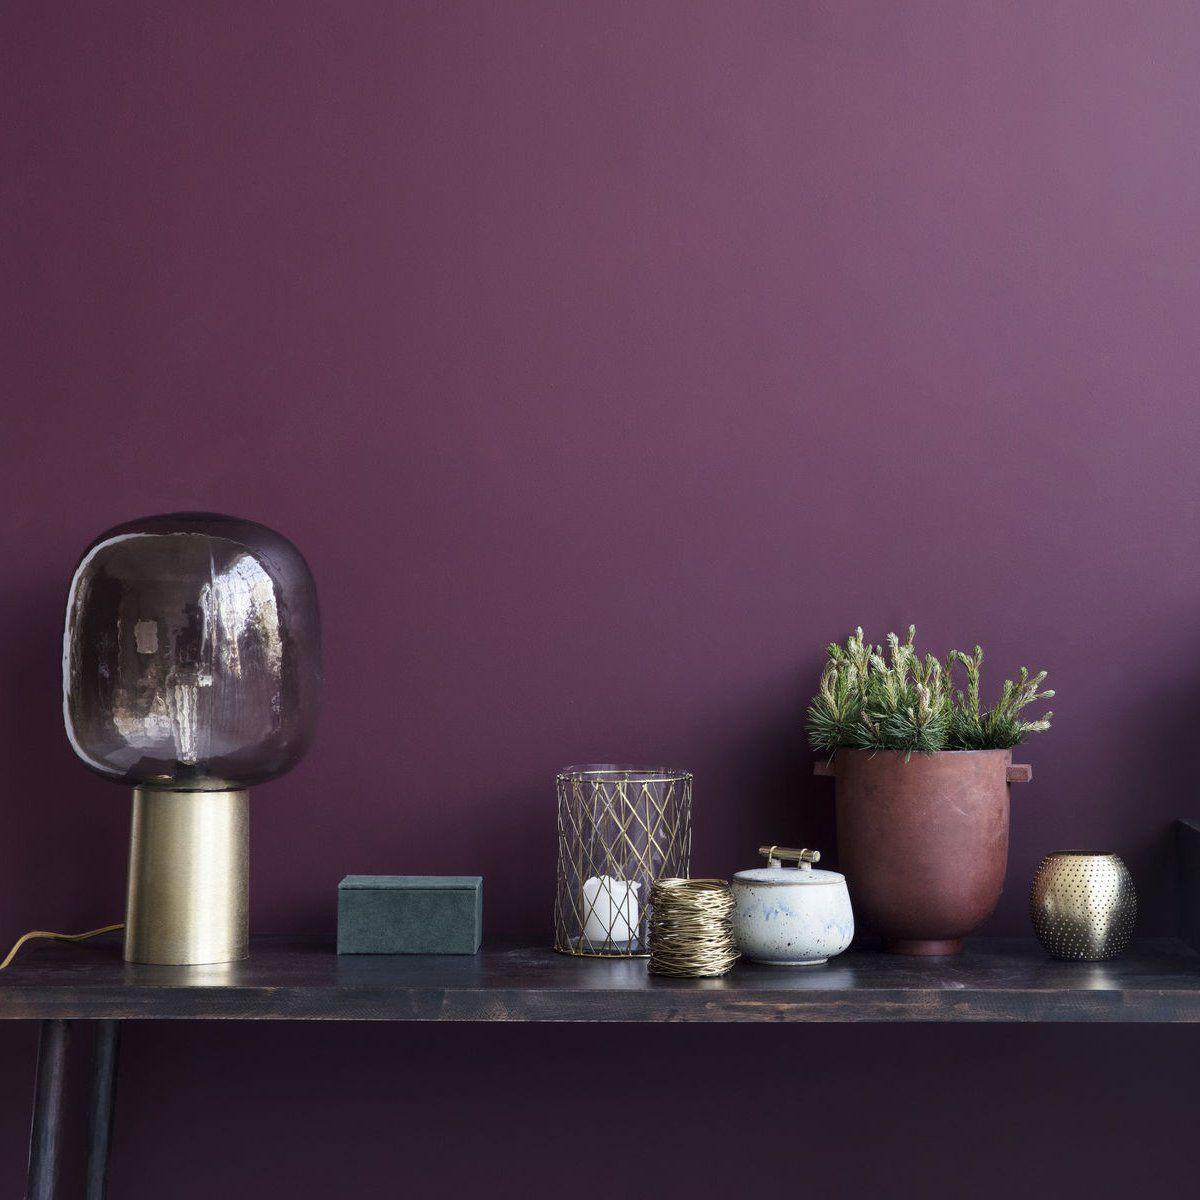 5 Couleurs Adopter Pour L Automne Murs Violets Couleur Tendance